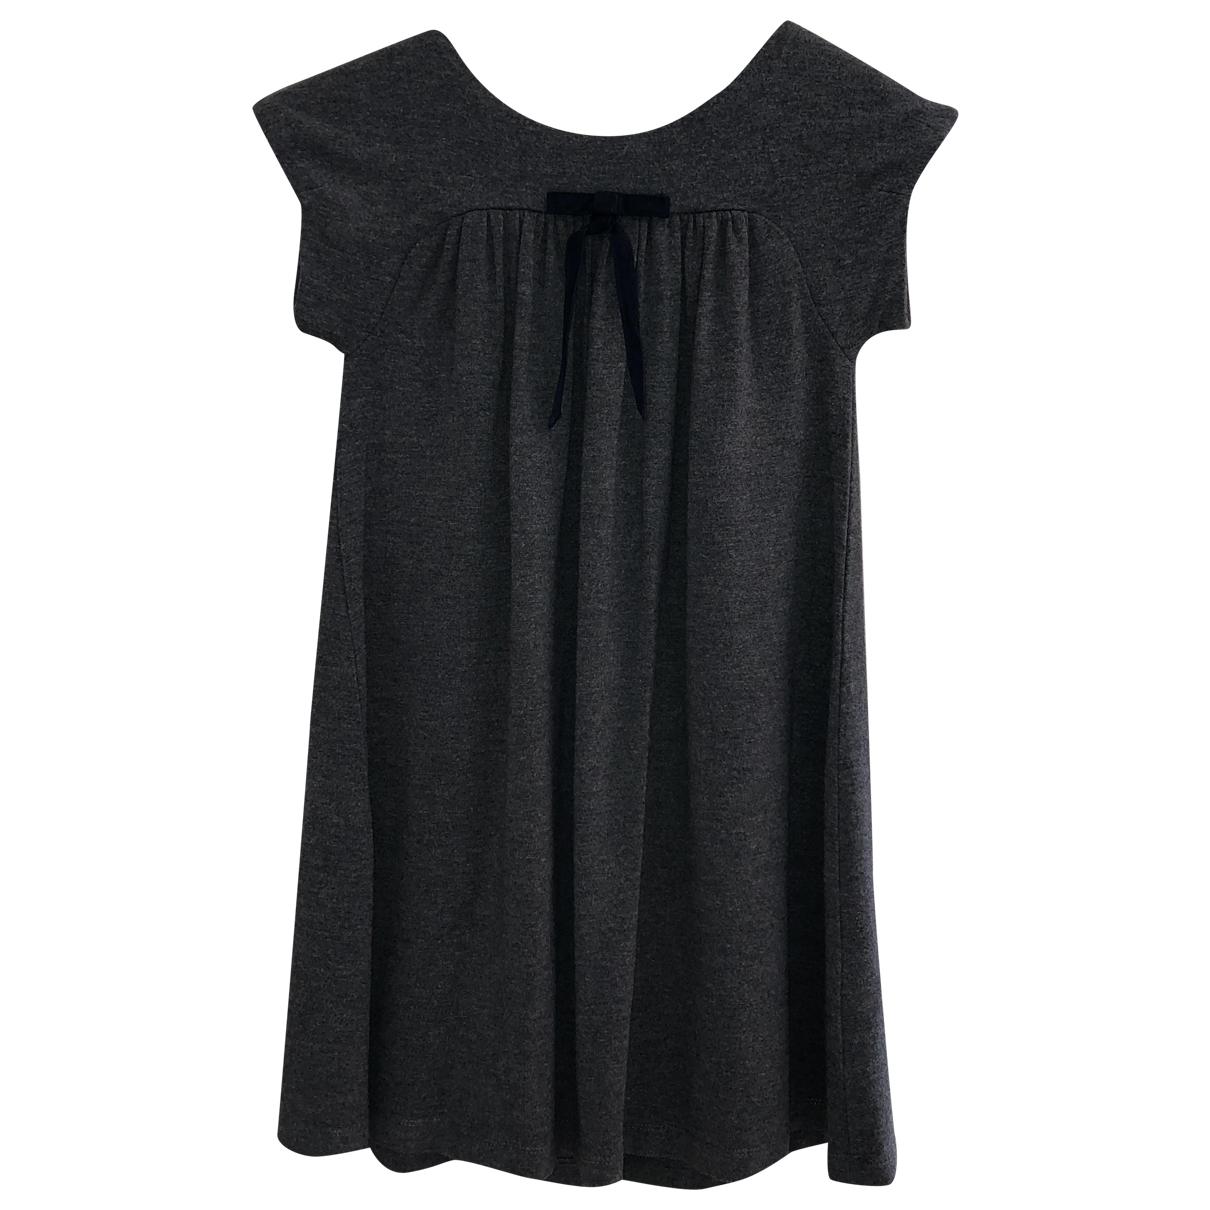 Jacadi \N Kleid in  Grau Baumwolle - Elasthan